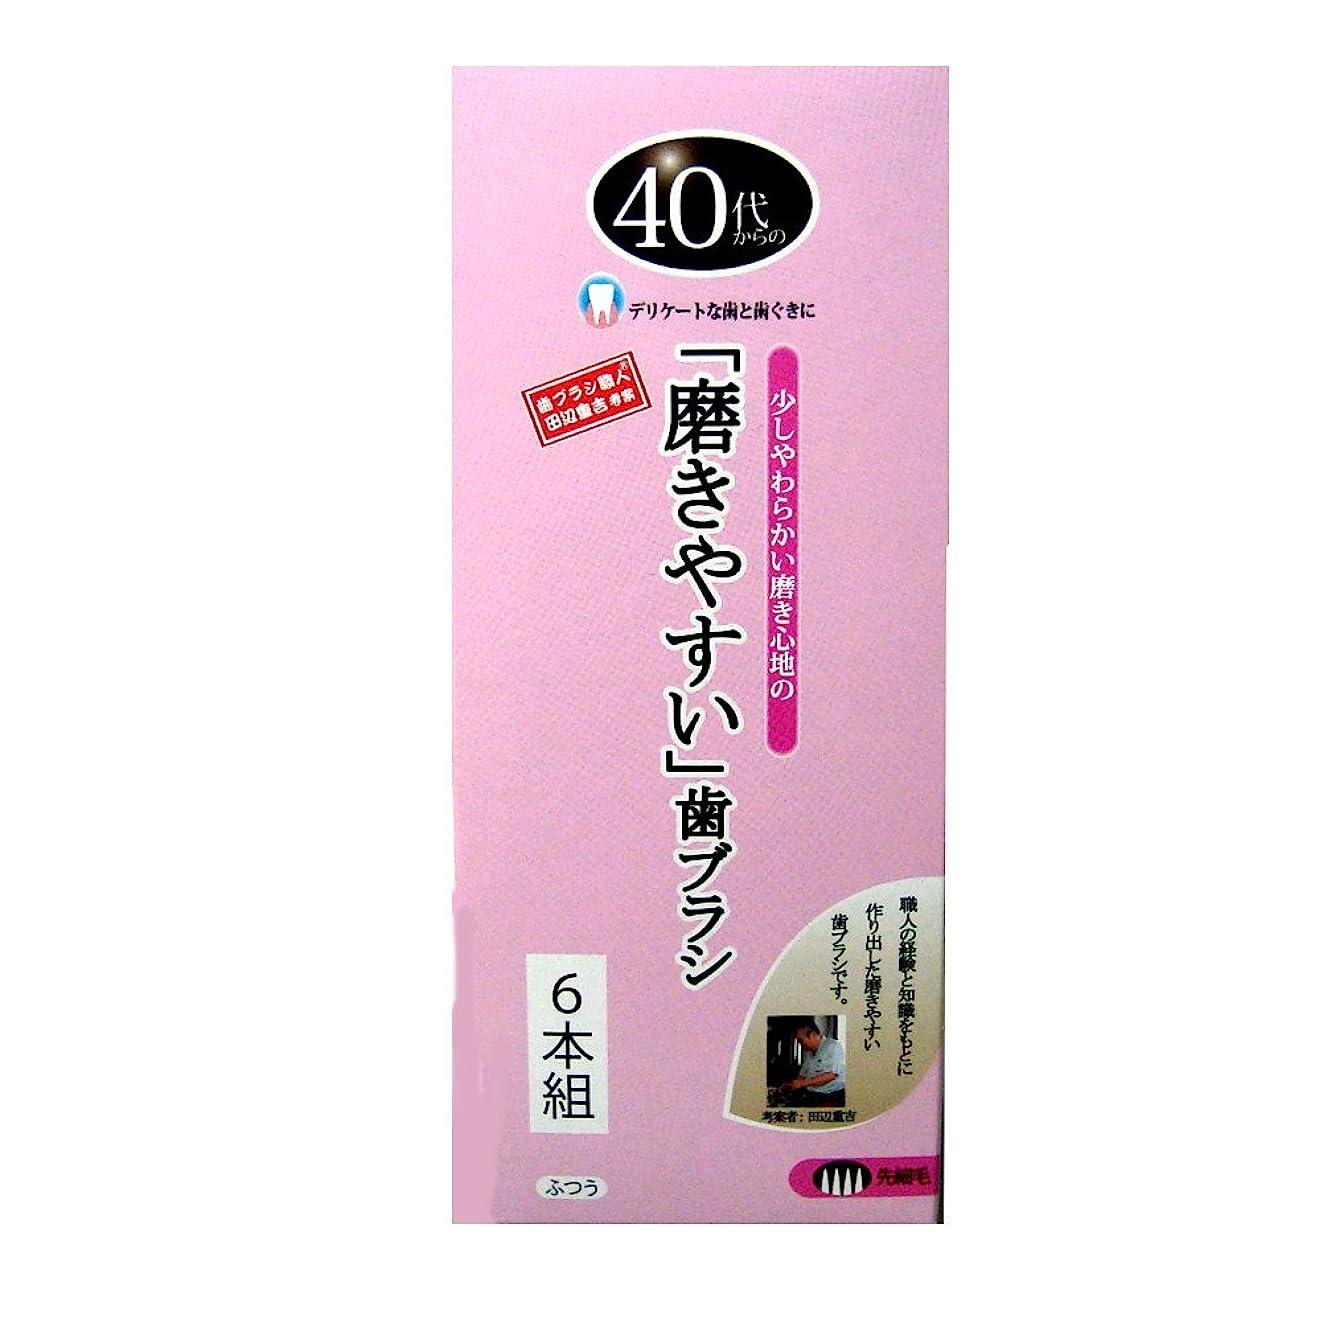 開梱自分自身フレアライフレンジ 磨きやすい歯ブラシ 40代から ふつう LT-115 6本組 4560292169909